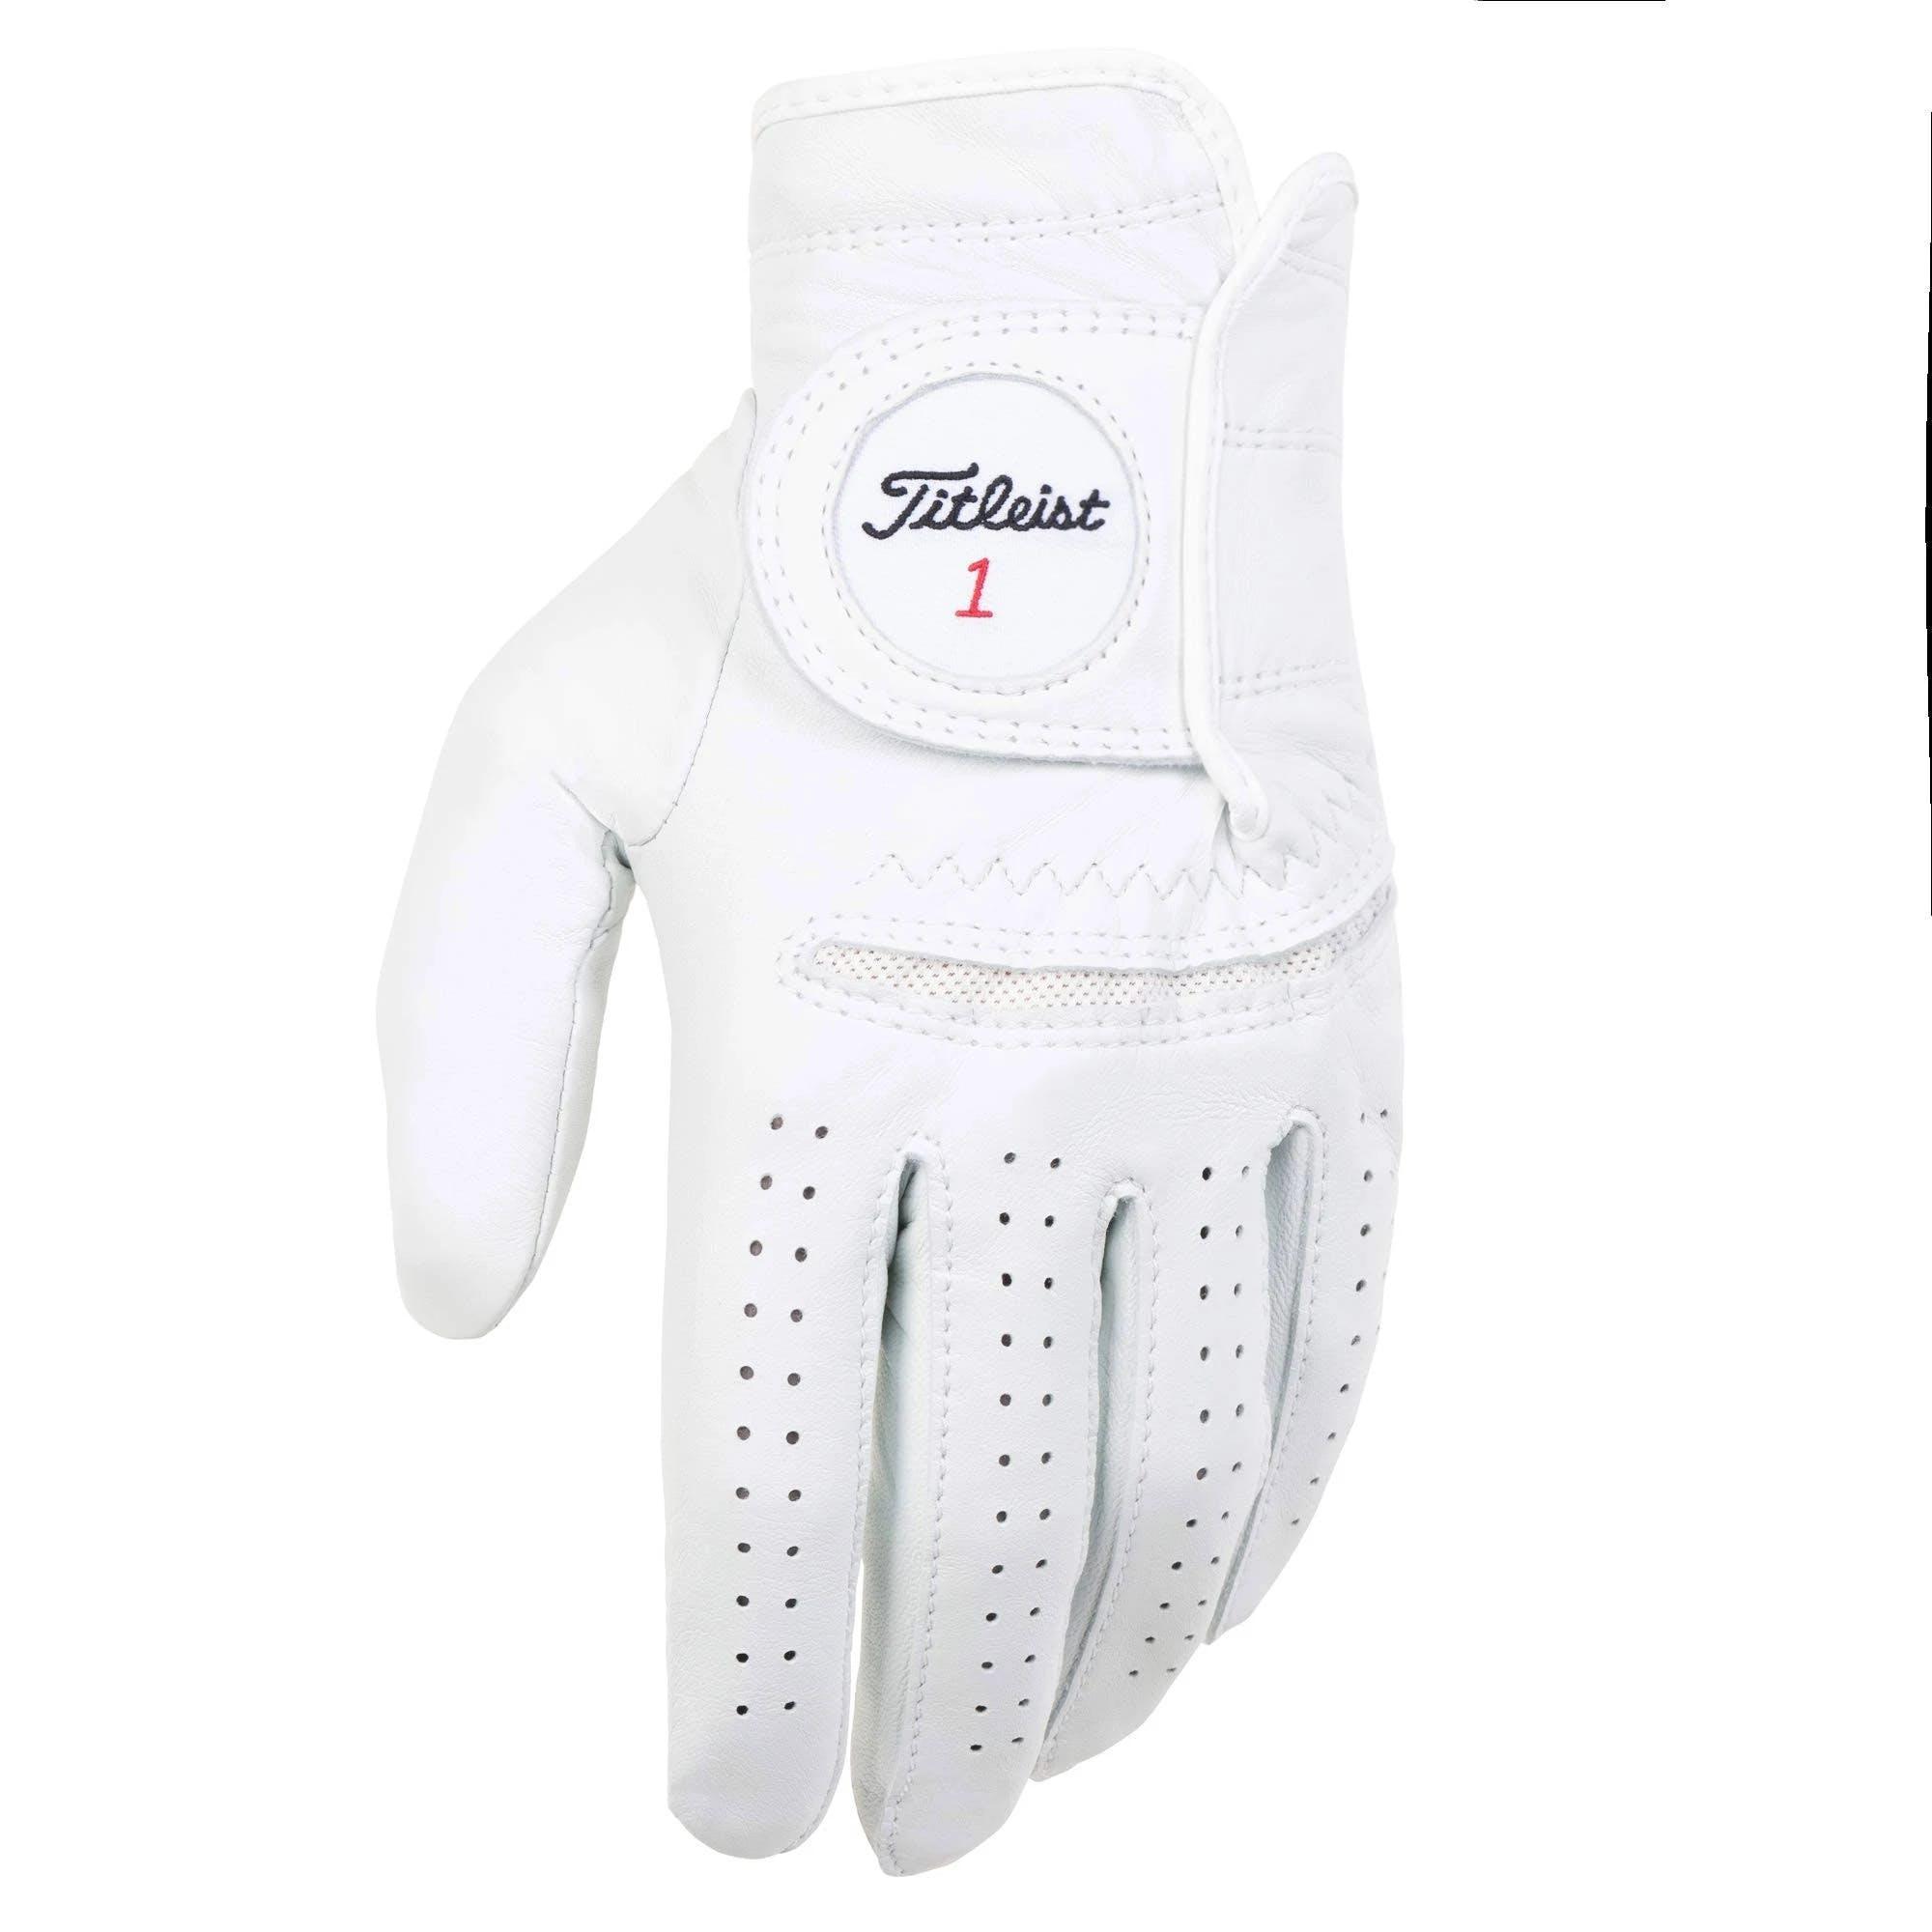 Titleist Perma-Soft Men's Golf Glove